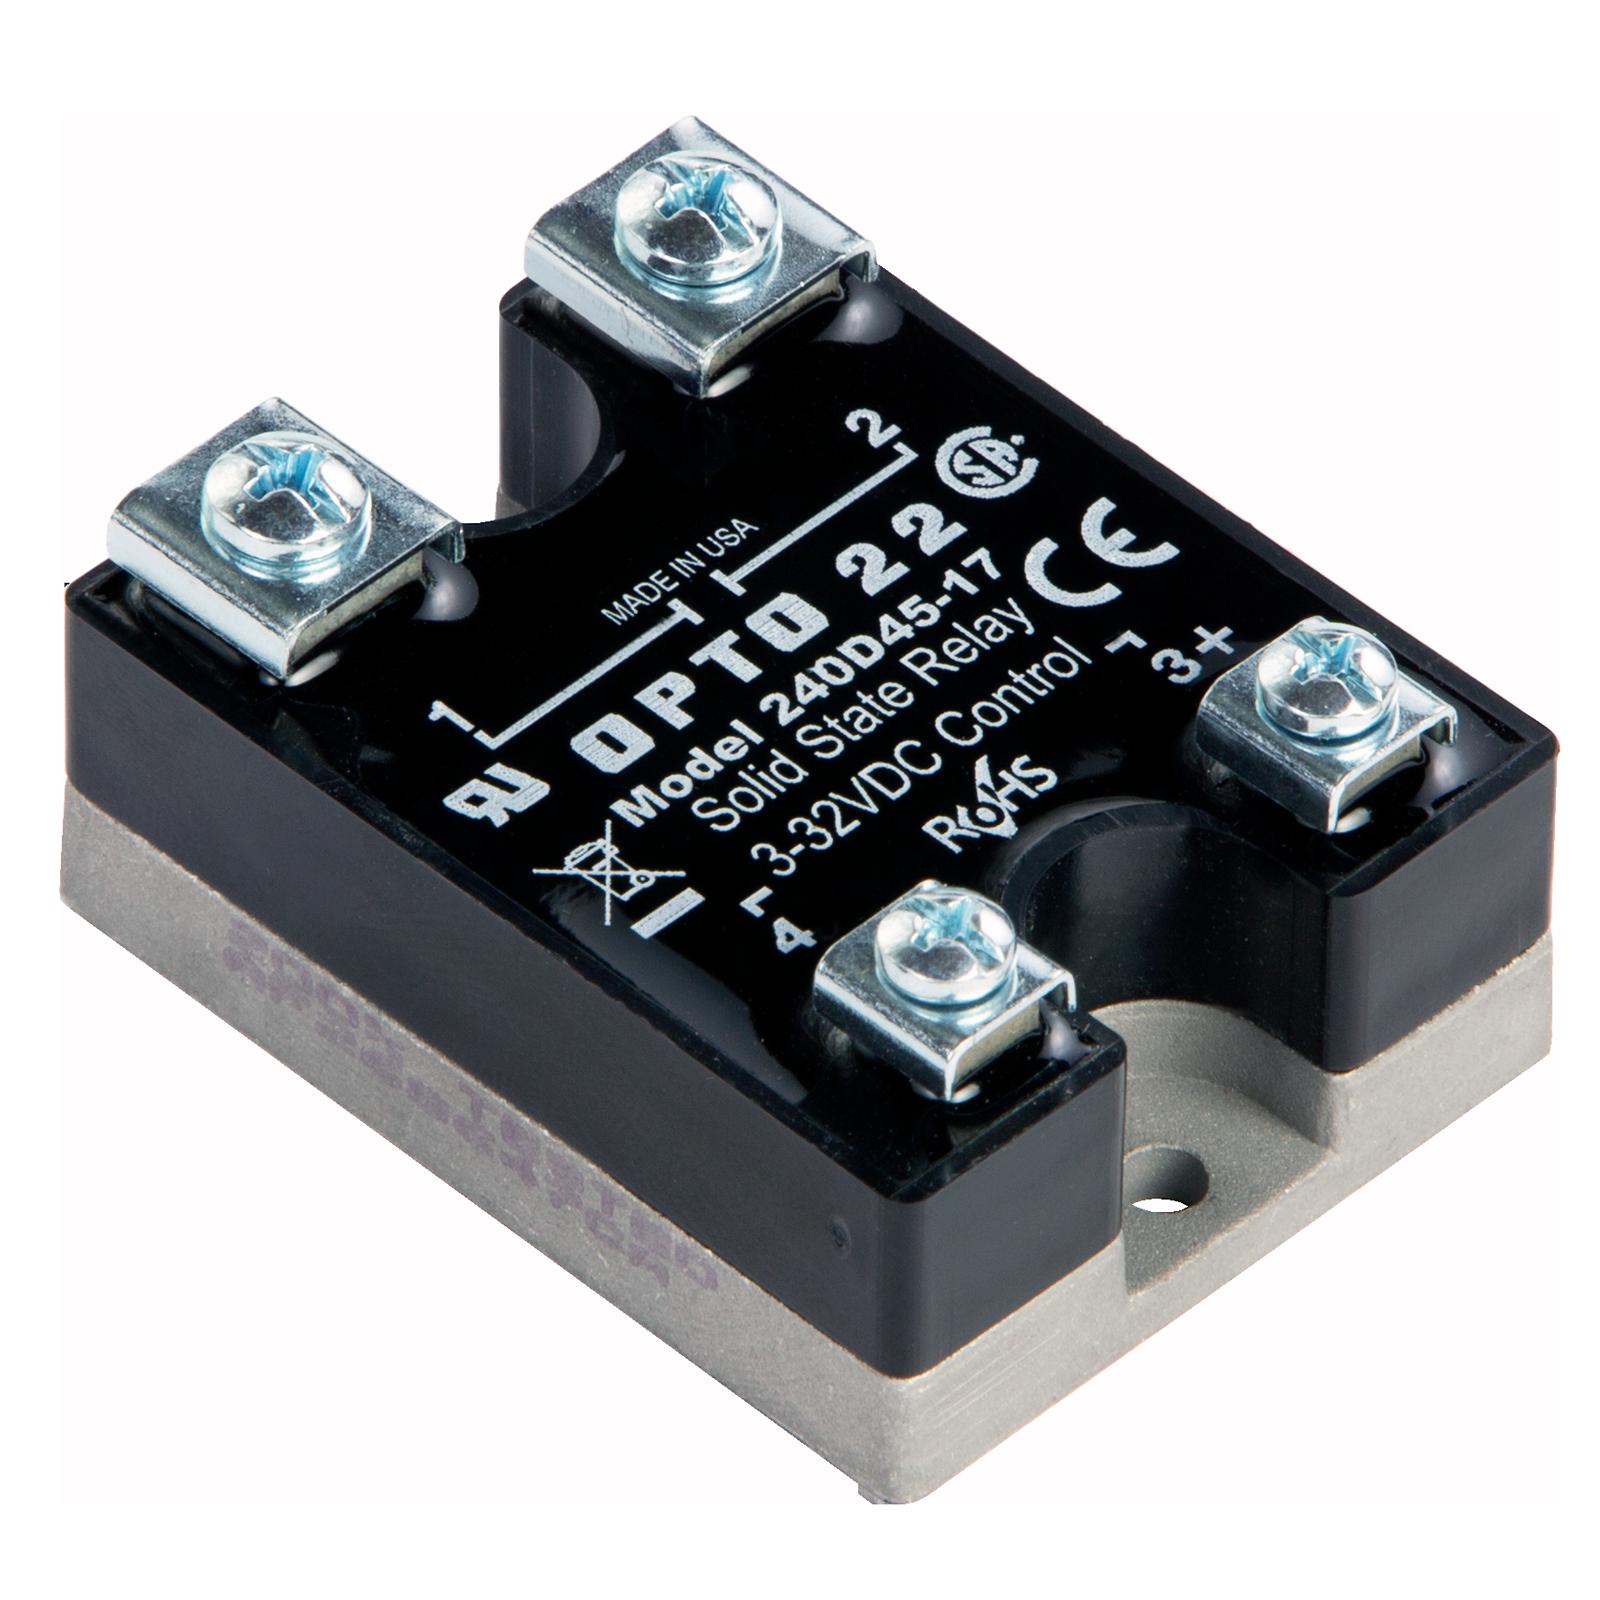 ssr control 240 vac schematic opto22 240d45 17    240       vac     45 amp  dc    control    solid  opto22 240d45 17    240       vac     45 amp  dc    control    solid